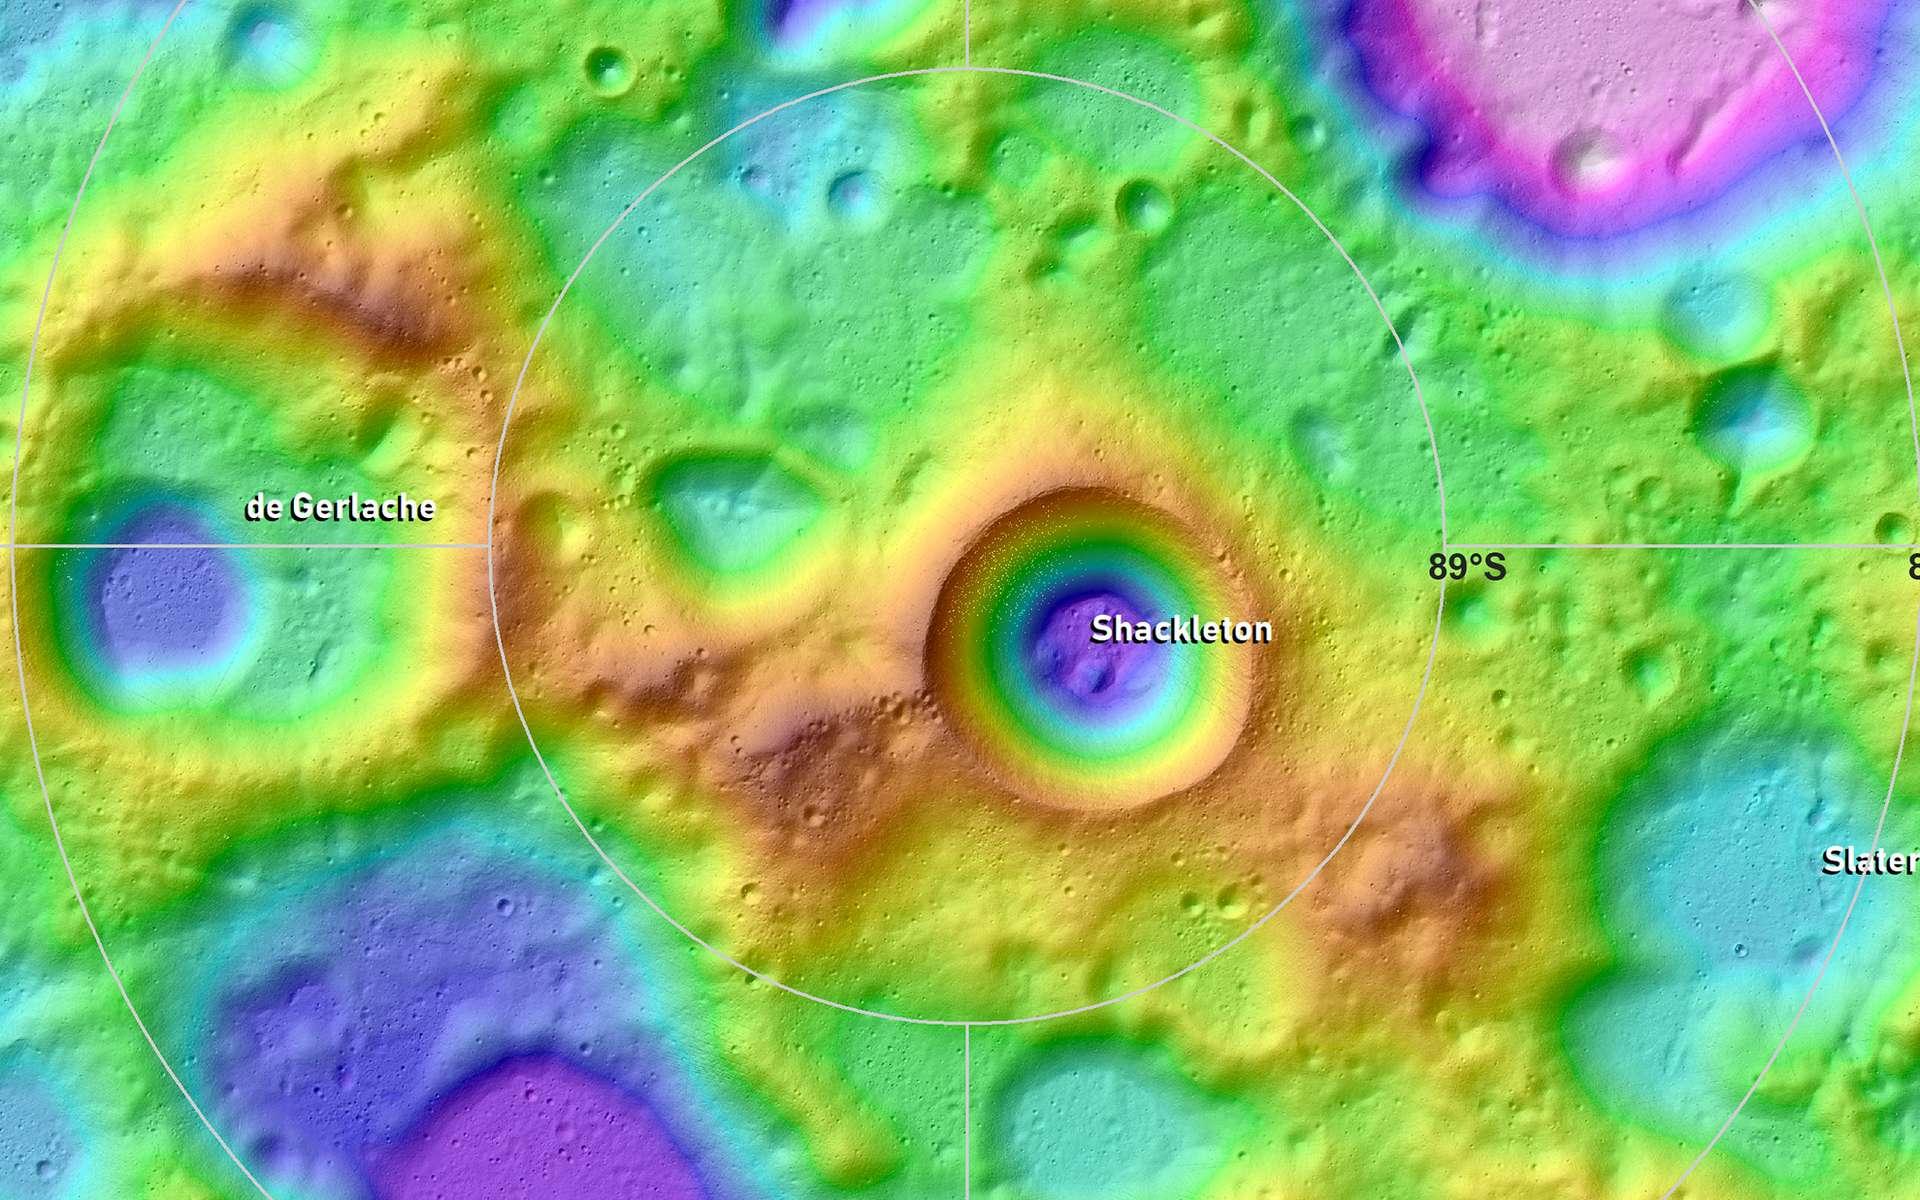 Carte topographique du pôle Sud lunaire centré sur le cratère Shackleton, souvent cité comme probable site d'installation d'une base habitée. © Nasa, Lunar and Planetary Institute Contribution